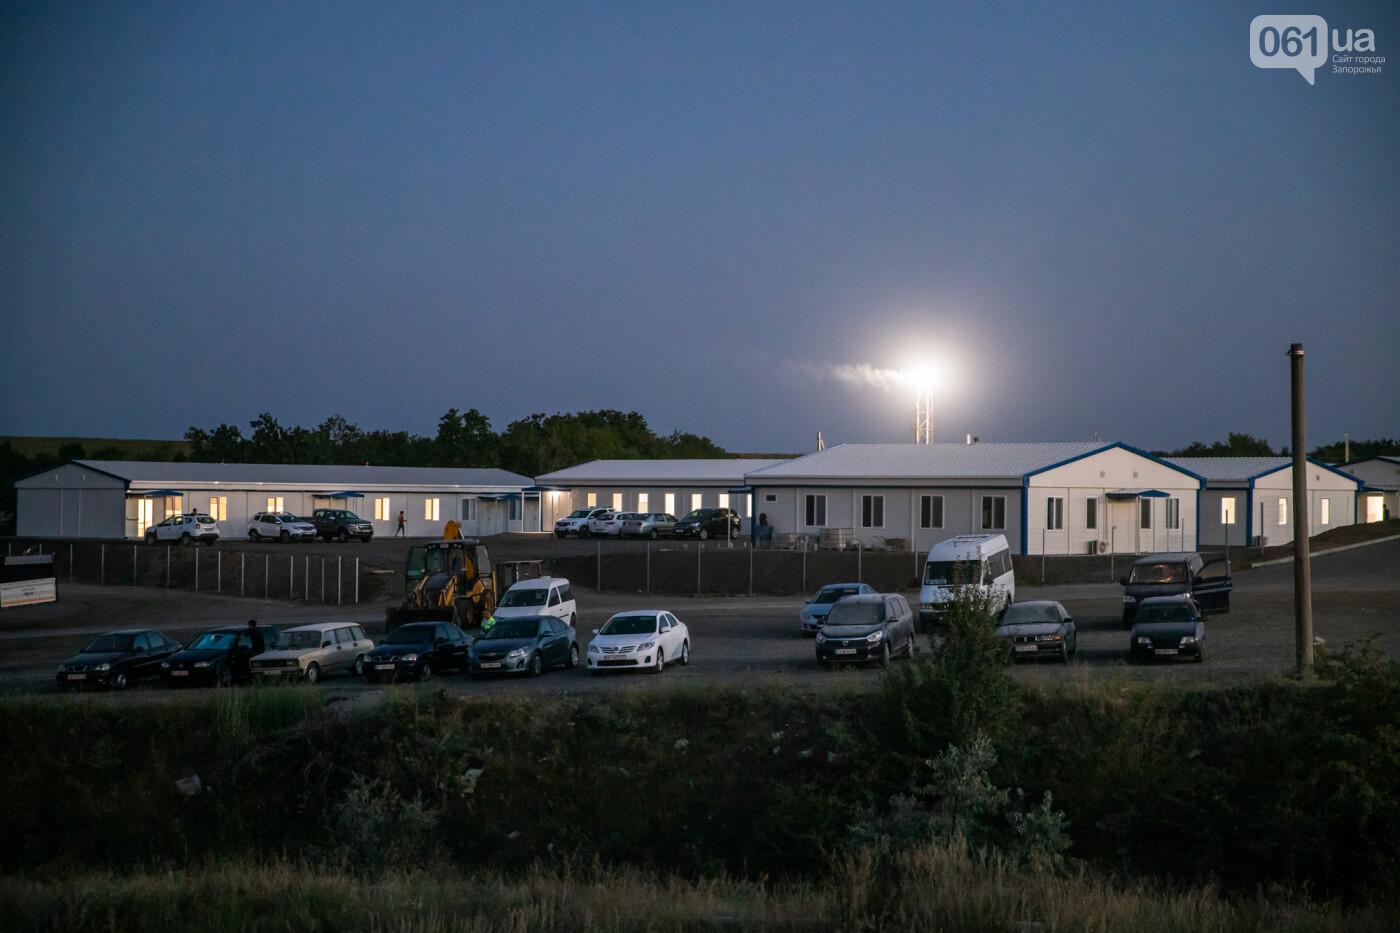 В Запорожье собирают балочный мост через Старый Днепр – строители работают даже ночью, - ФОТОРЕПОРТАЖ , фото-28